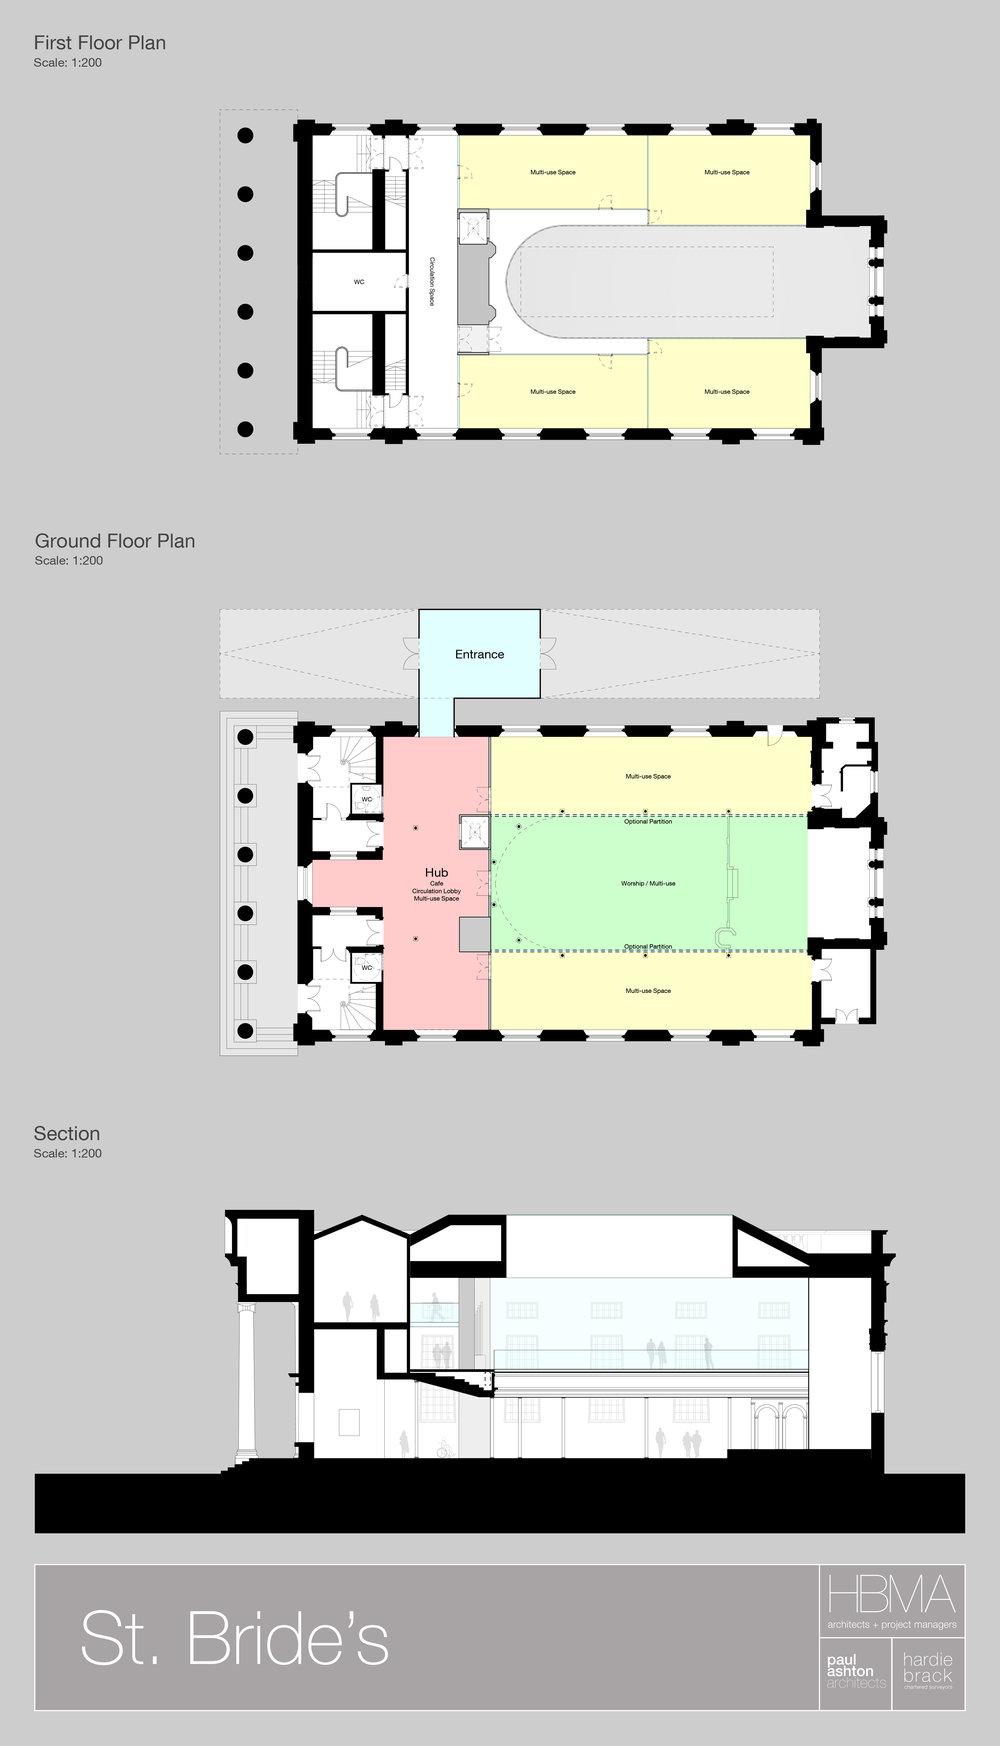 154 - Plans 01.jpg